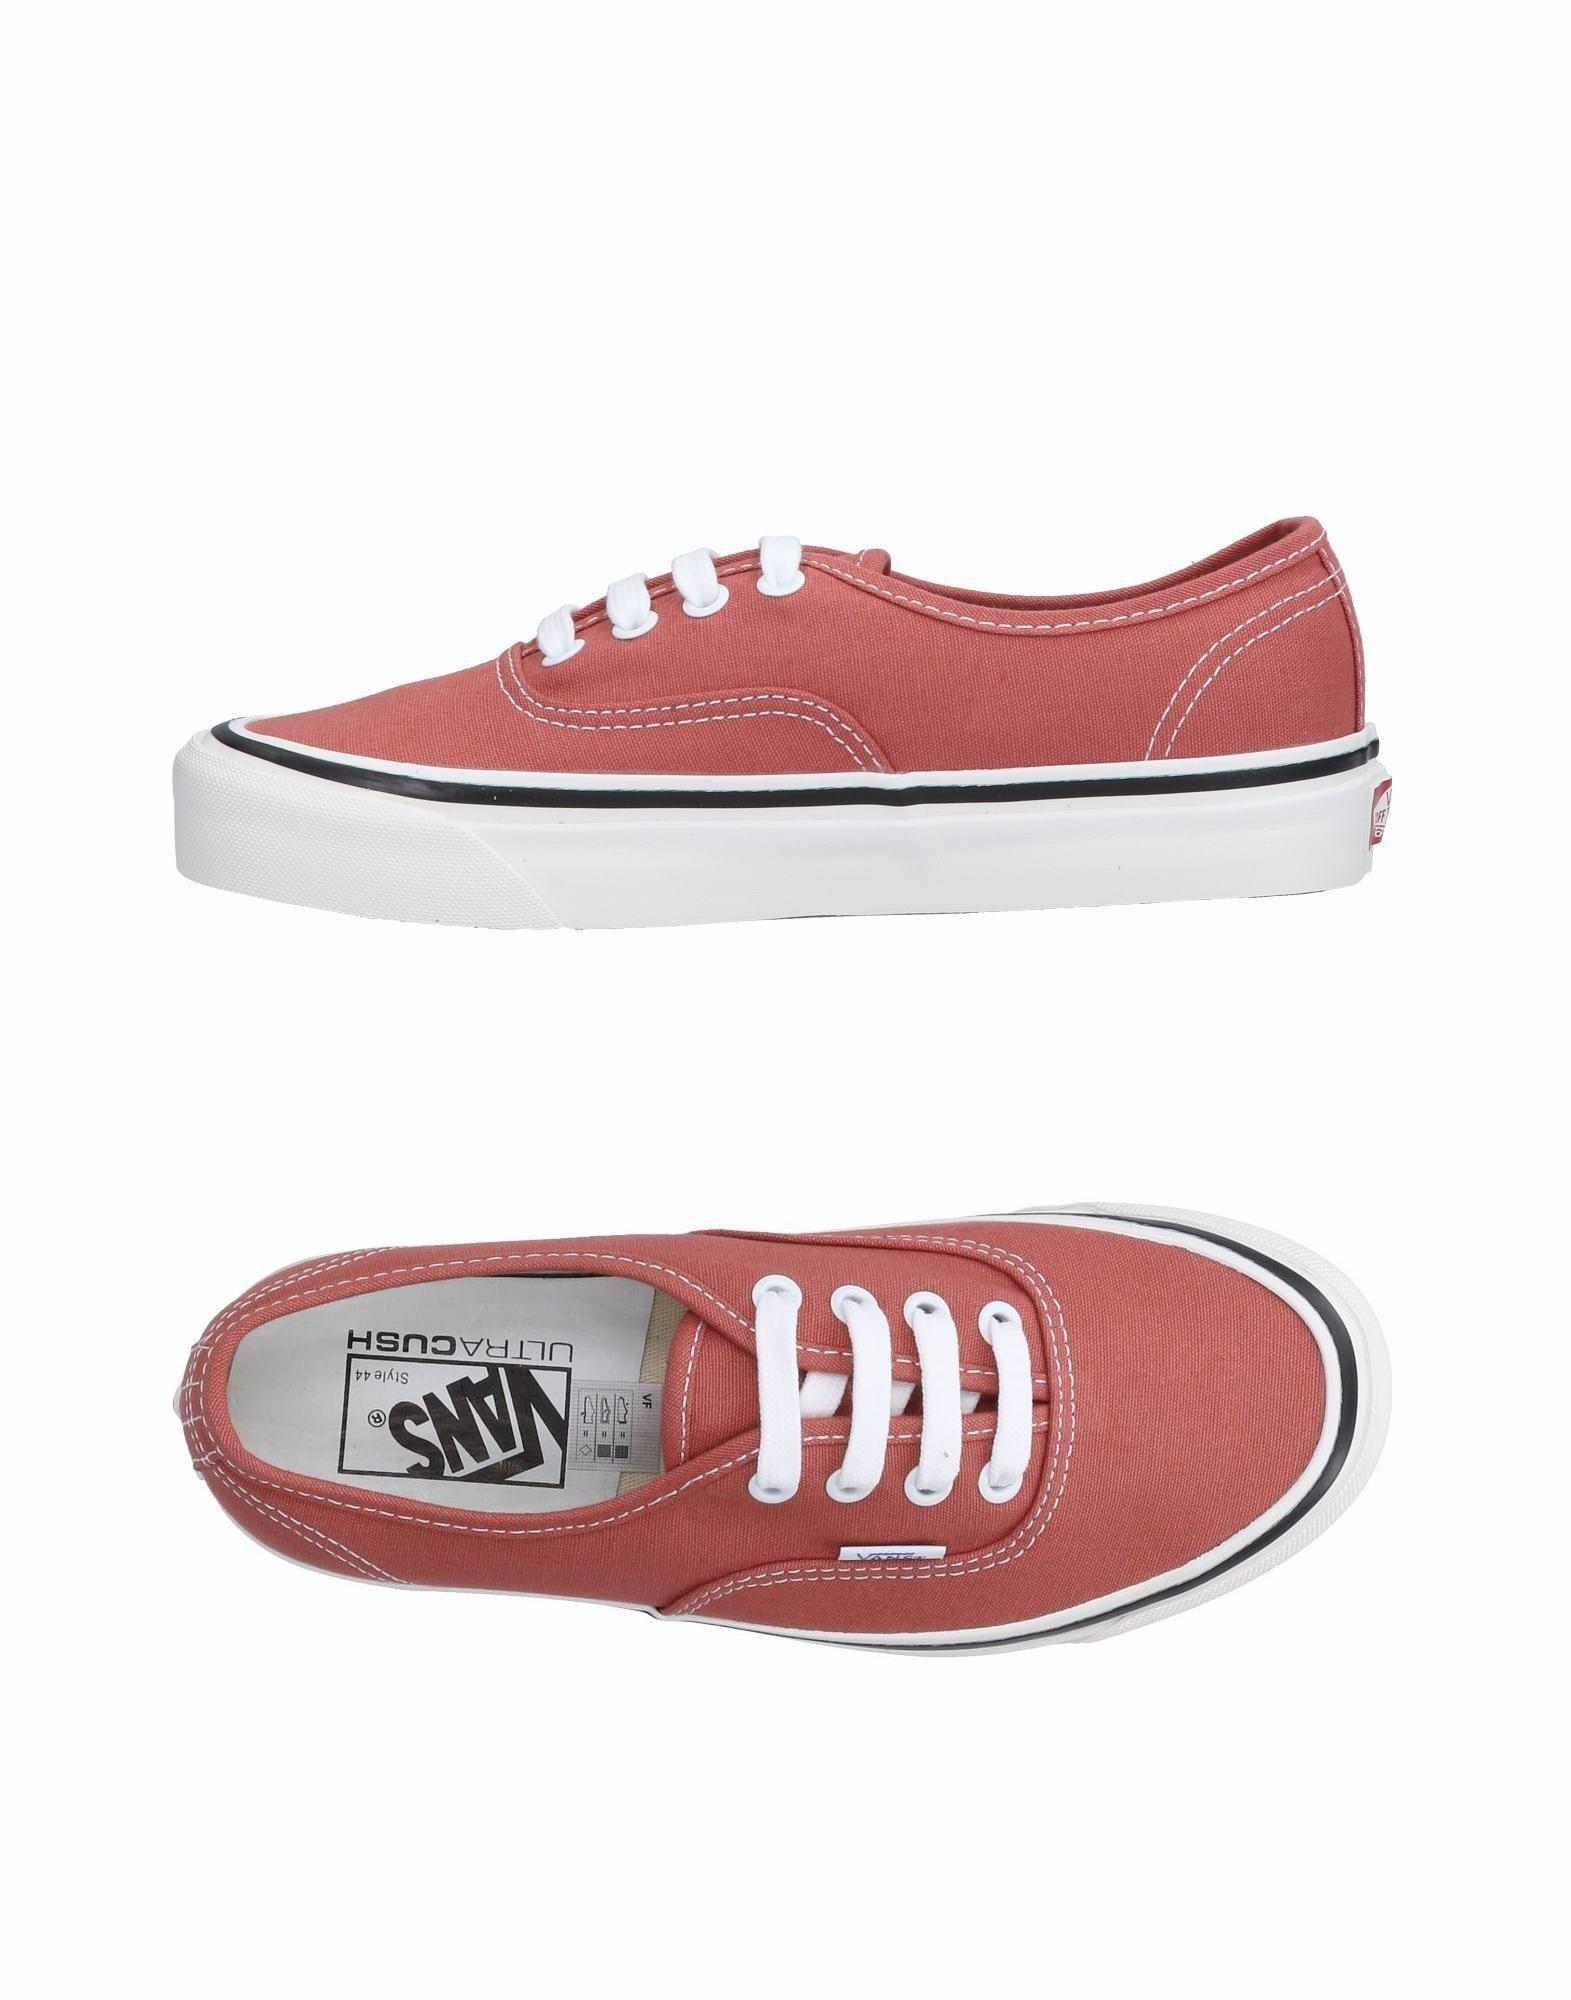 Sneakers Vans Donna - 11509945UT Scarpe economiche e buone